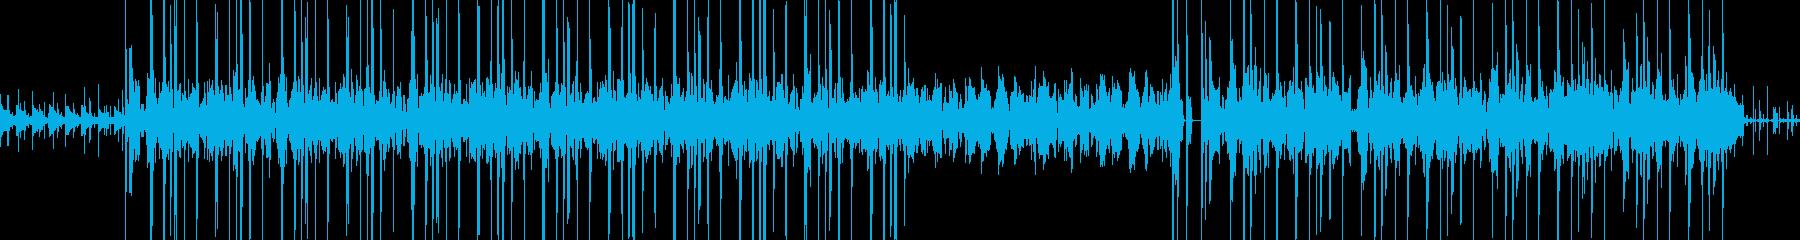 Lo-Fi hiphop風チルアウト、Lの再生済みの波形